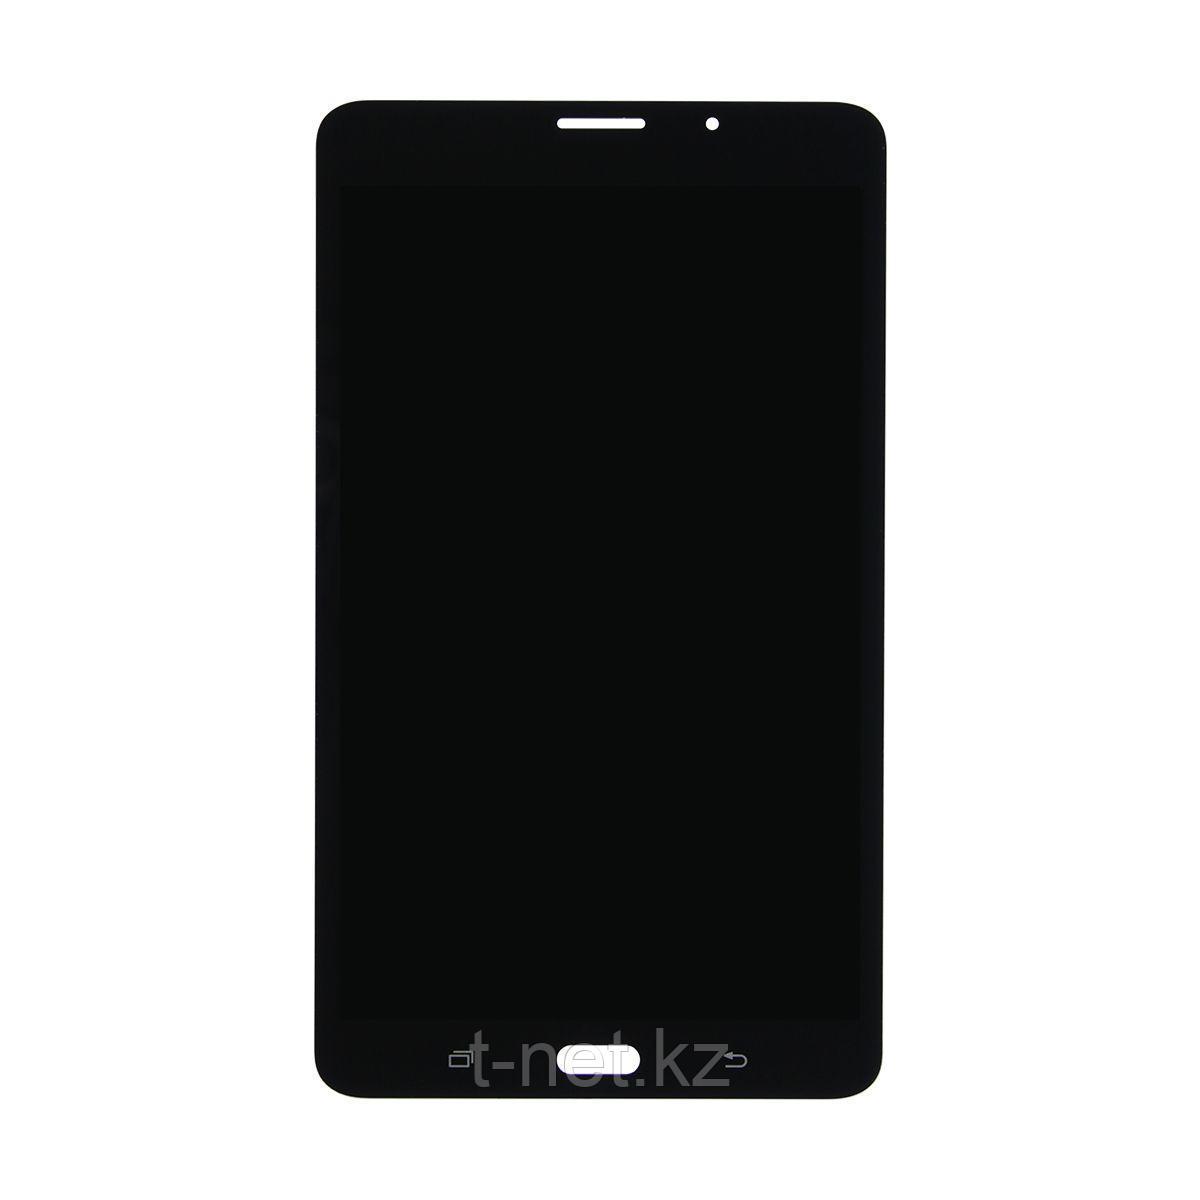 Дисплей Samsung Galaxy Tab A 7.0 T285/T280, с сенсором, цвет черный